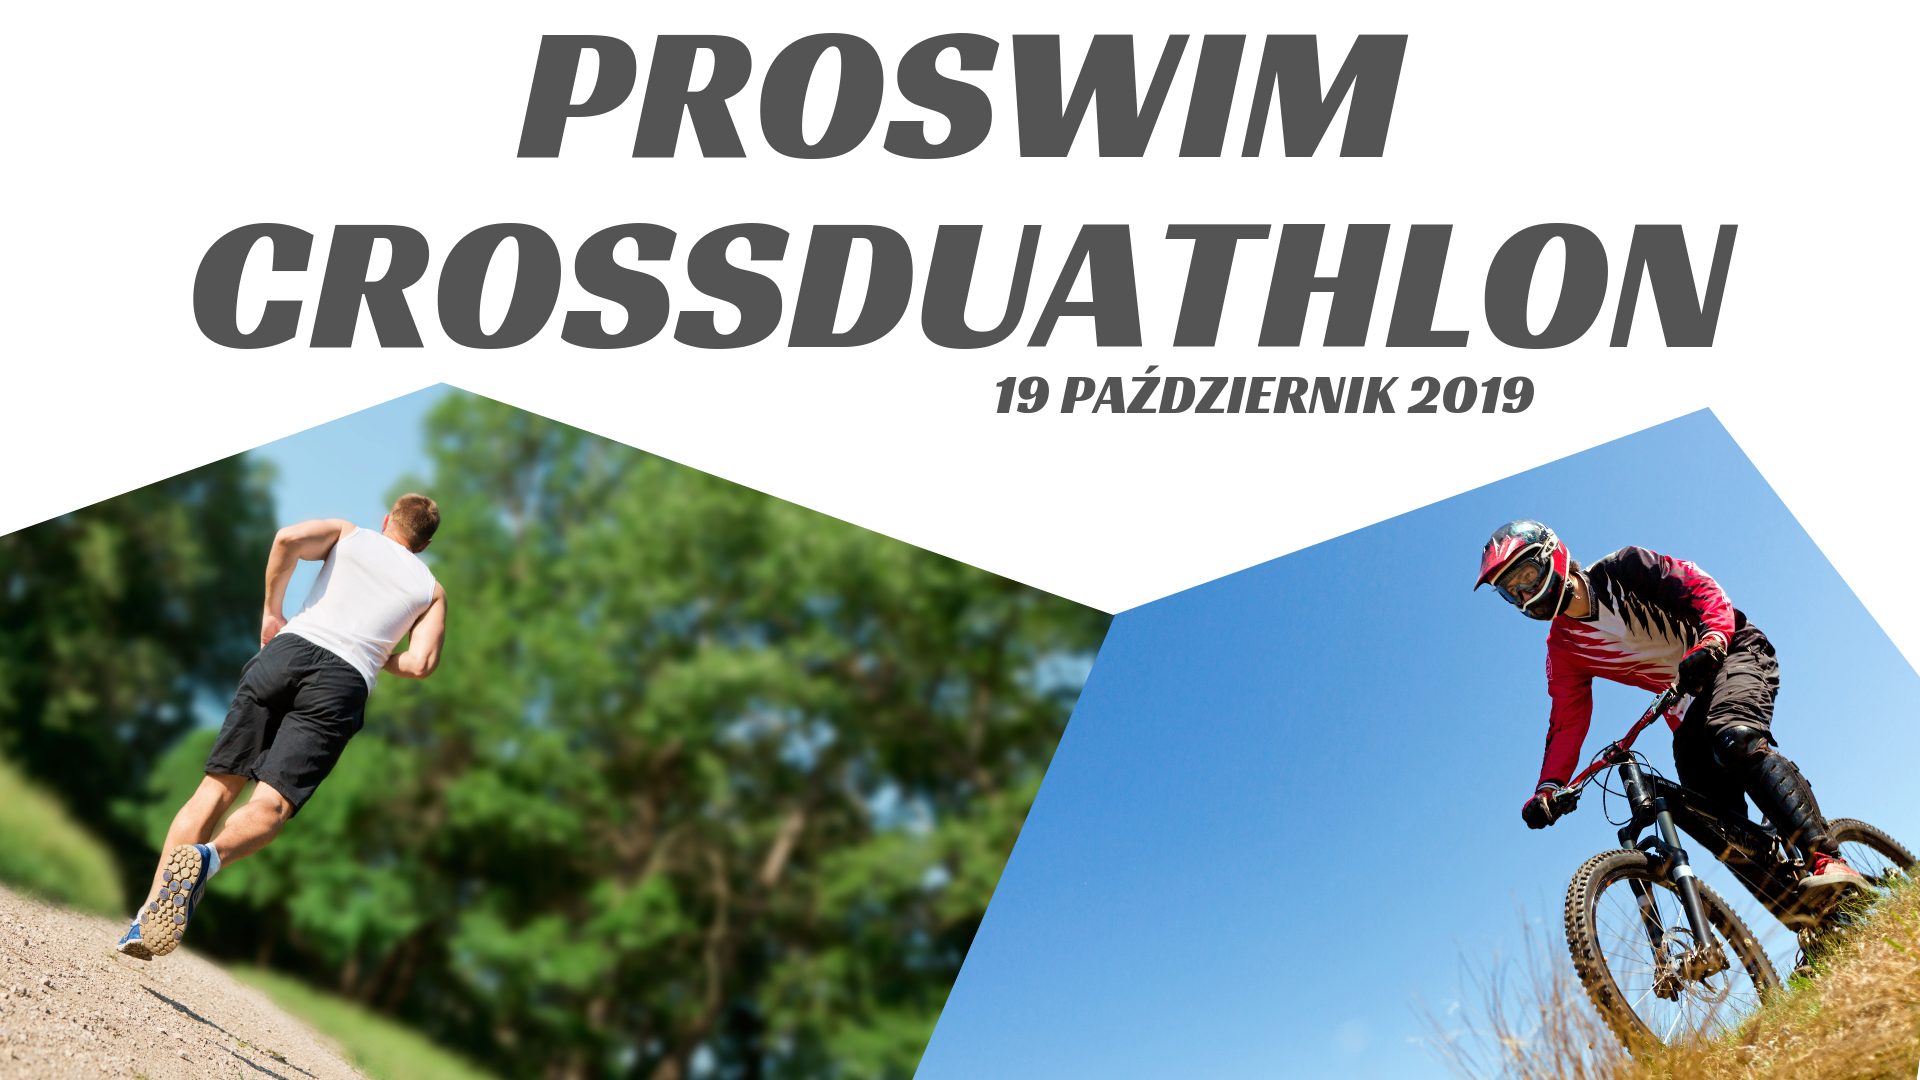 Logo Zawodów Proswim Crossduathlon 2019